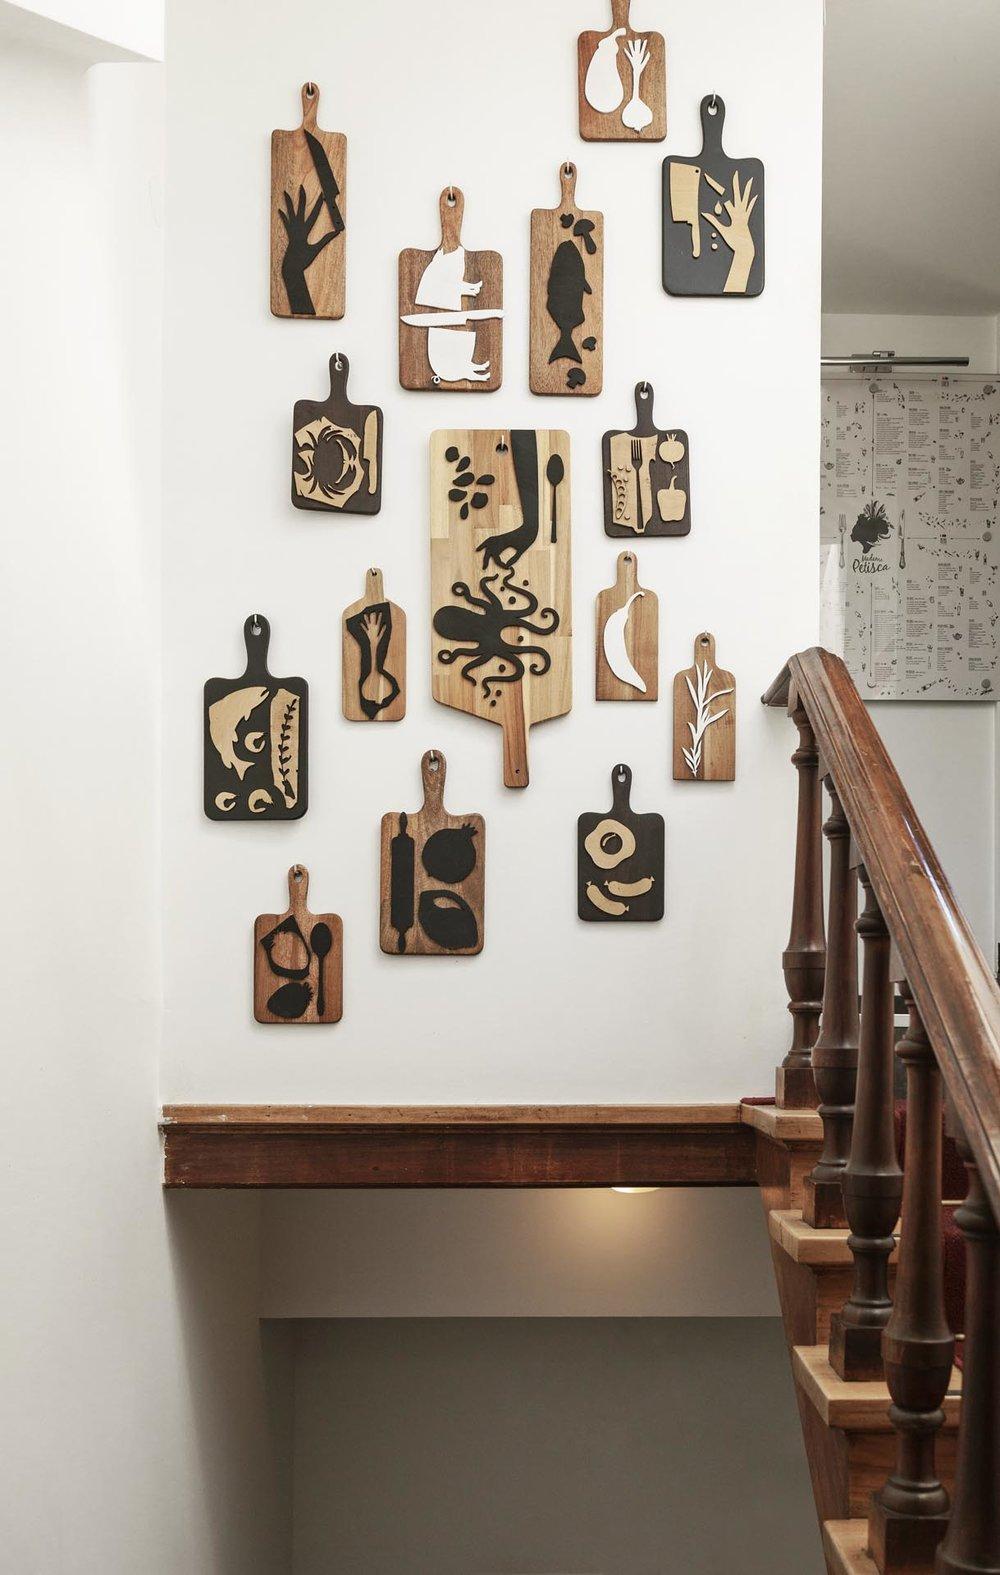 Oficina Marques interior design madame petisca (6).jpg